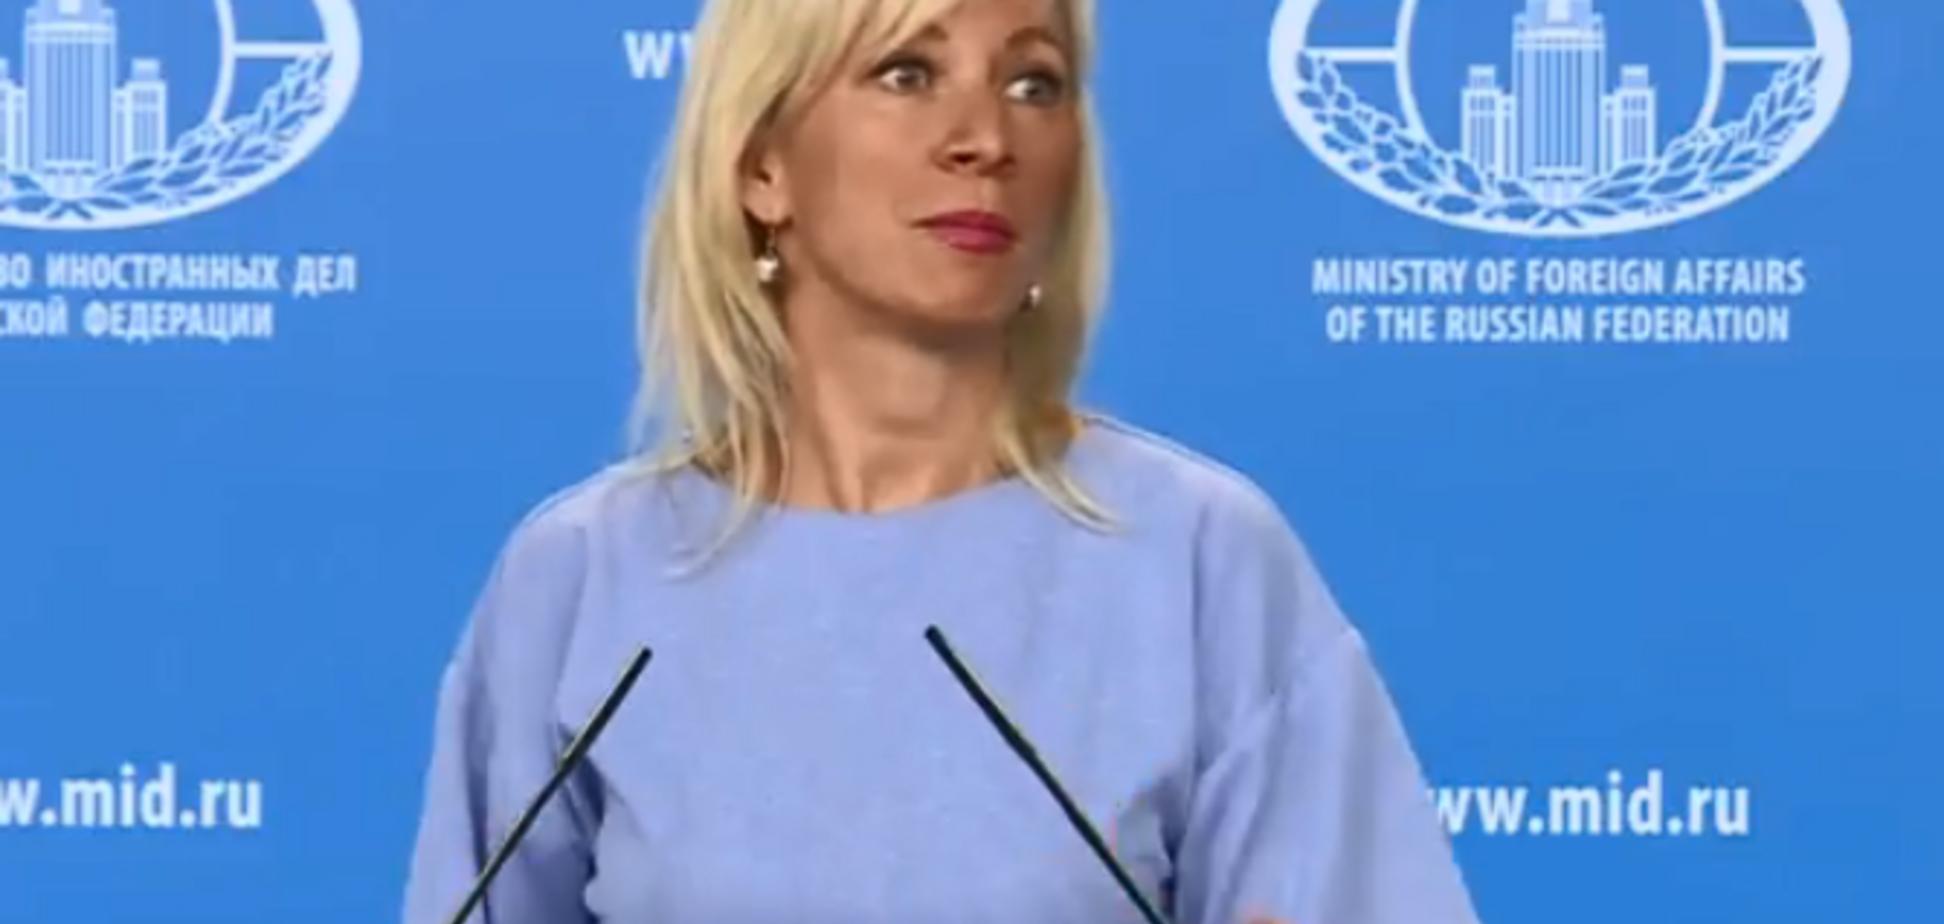 'Слава Україні?' Український журналіст роздратував Захарову провокаційним питанням